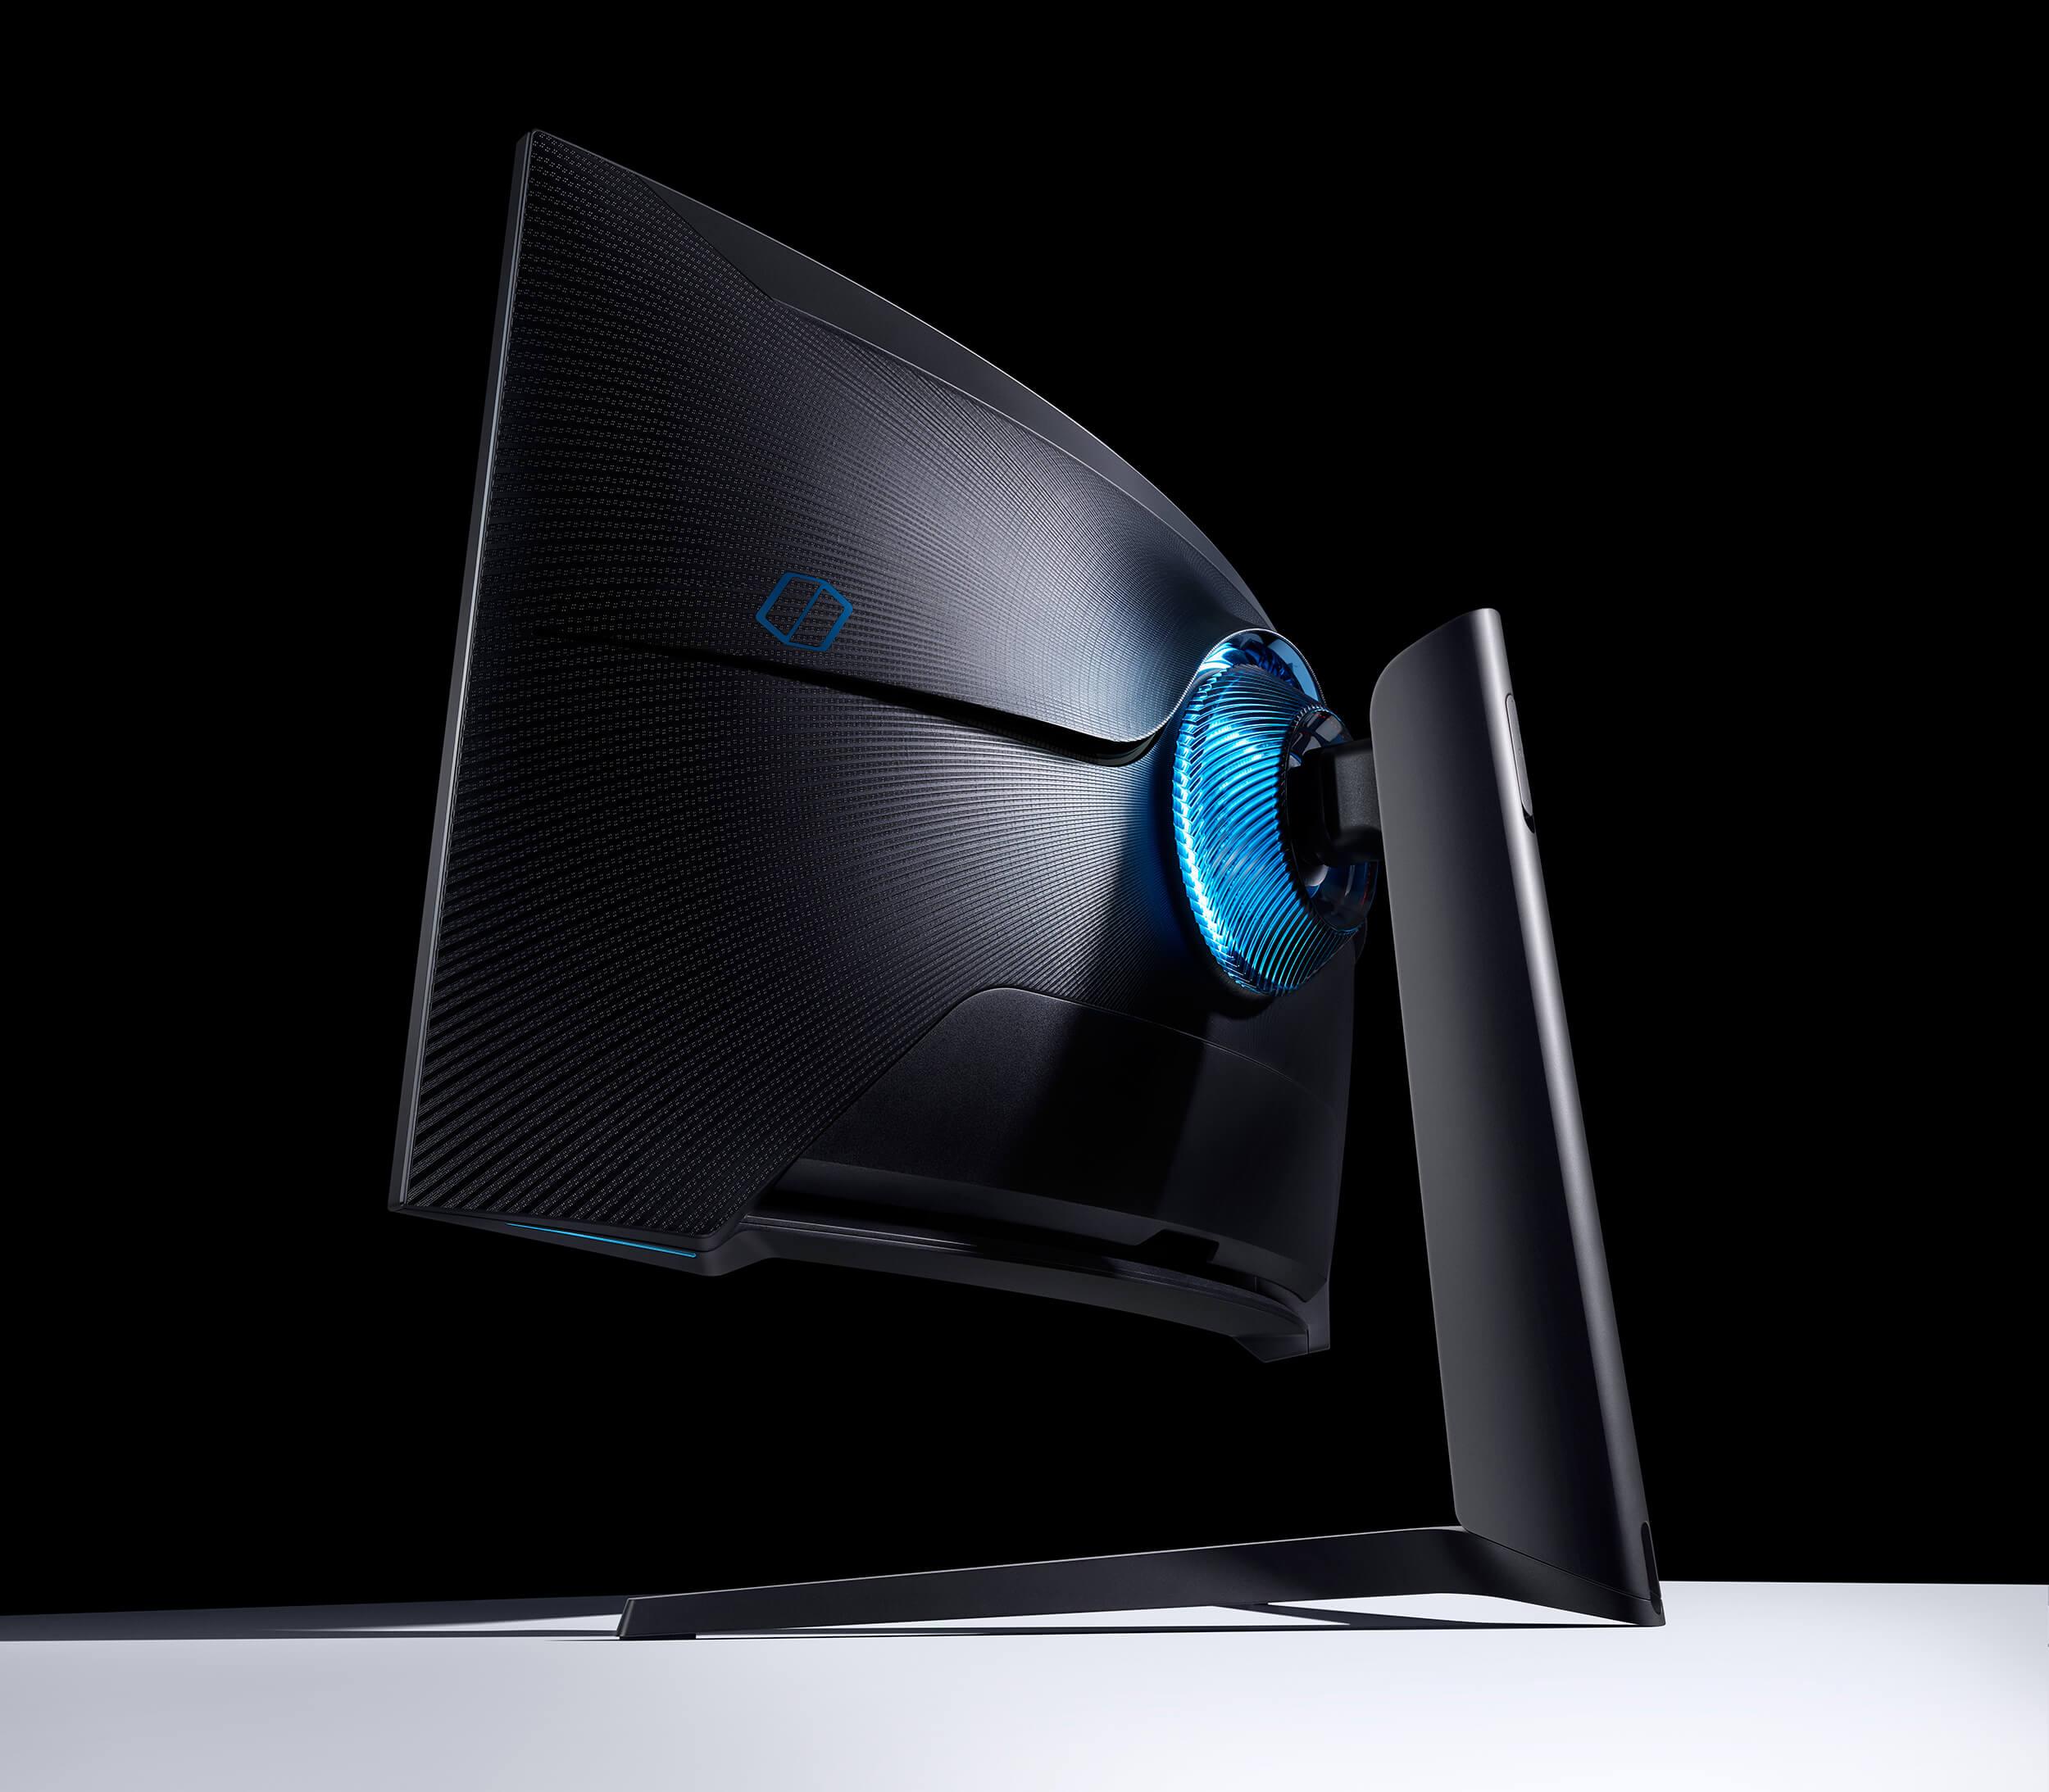 Samsung presenta la nueva línea de monitores para juegos Odyssey en CES 2020